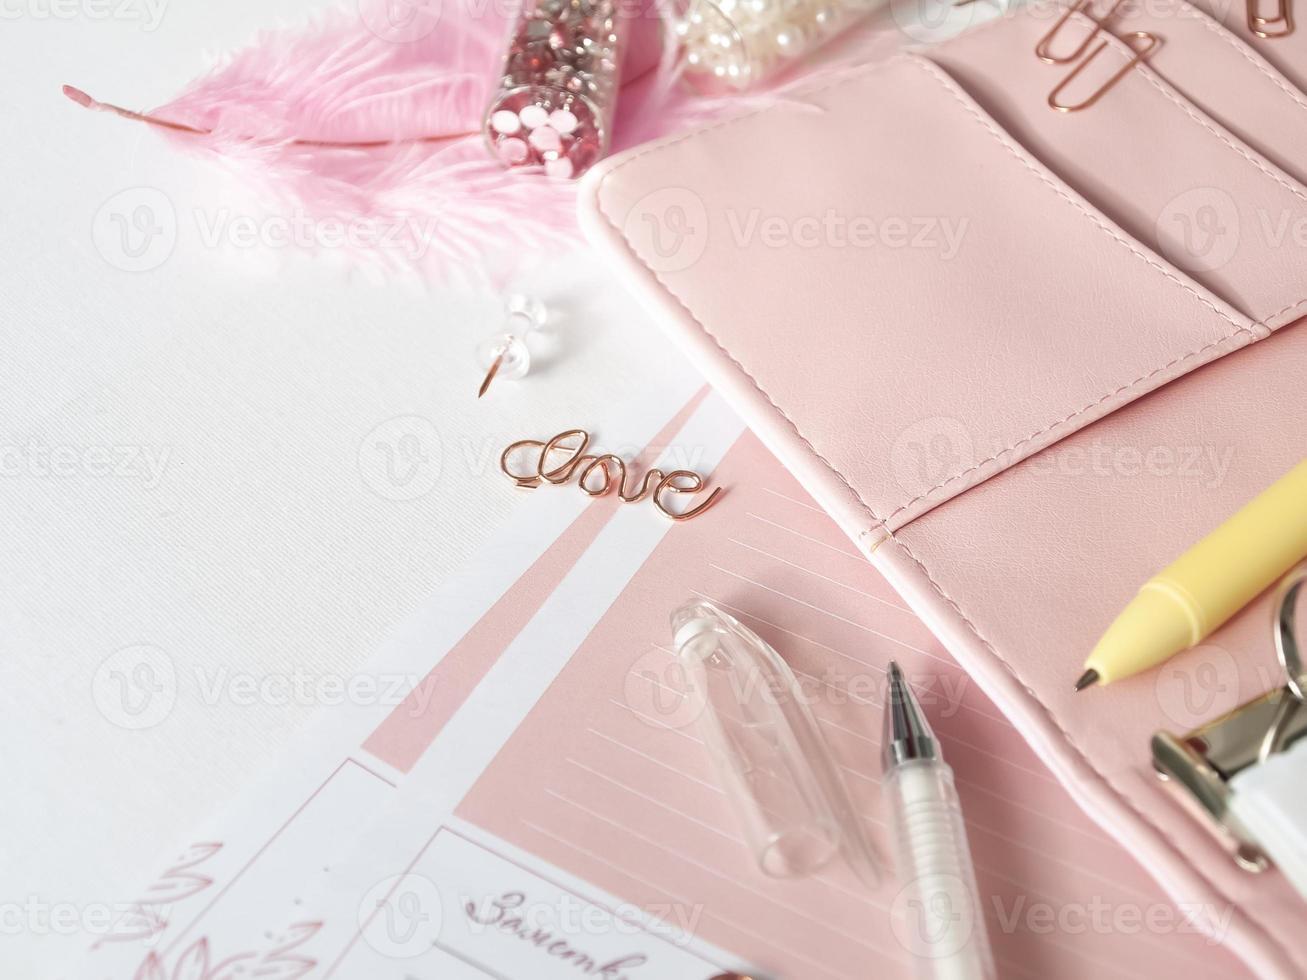 roséguld planerare brevpapper. nålformad bokstäver kärlek. vit penna och rosa planerare på vit bakgrund foto